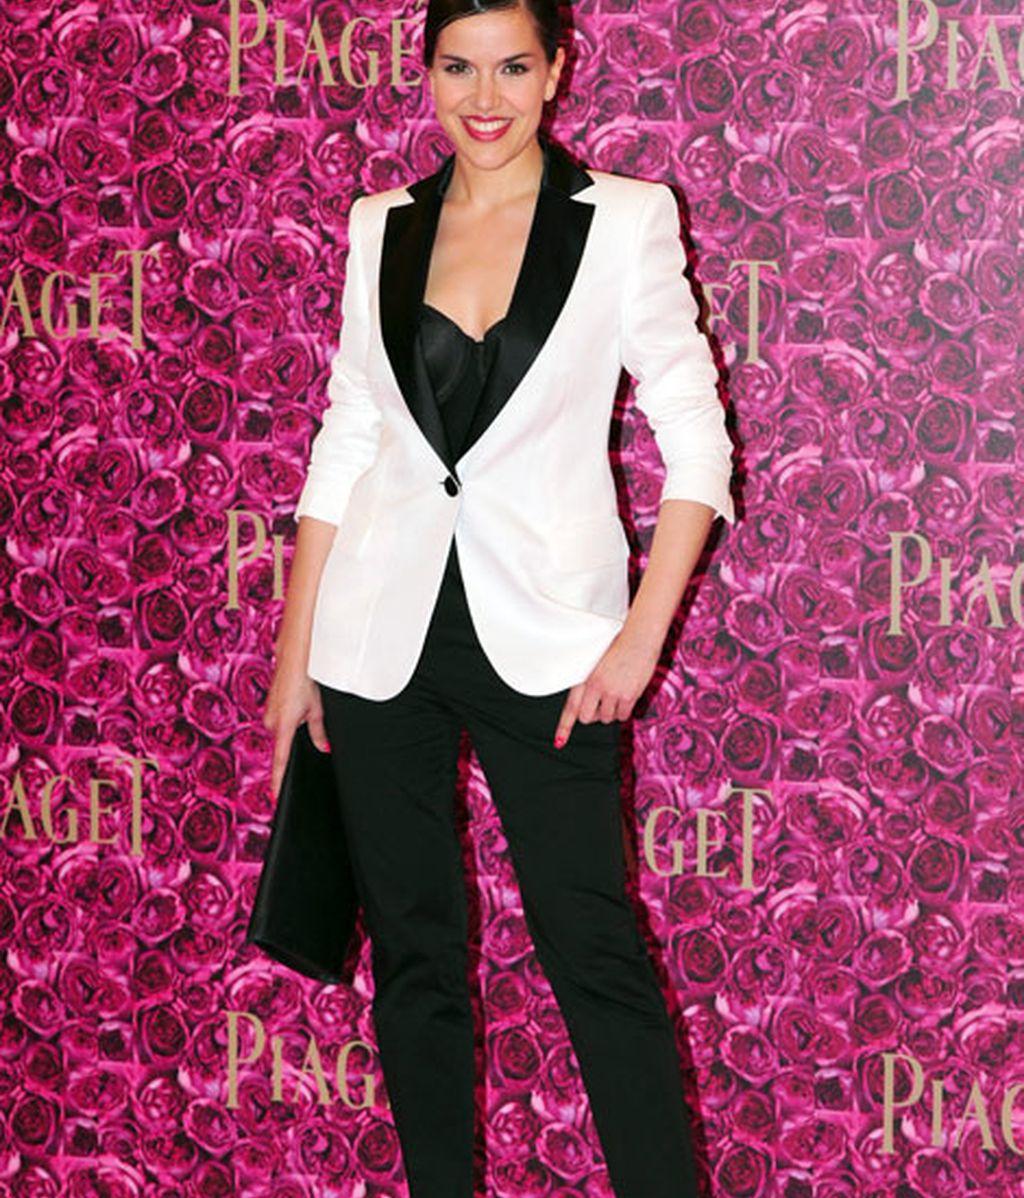 La cantante Roko con blazer blanca y pantalón de traje